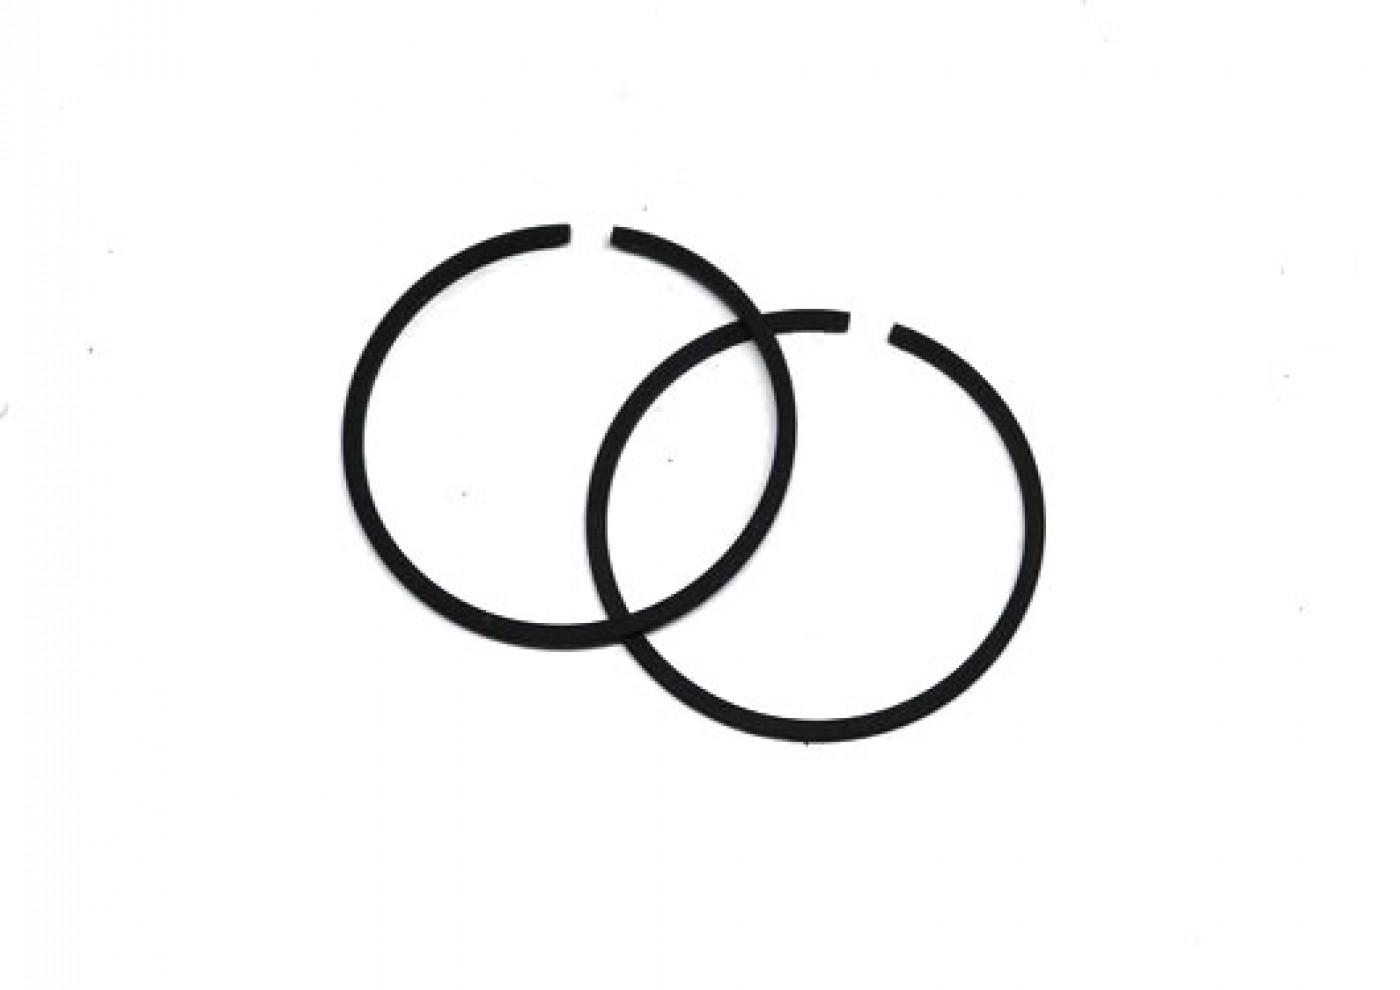 Sada pístních kroužků Stihl FS550